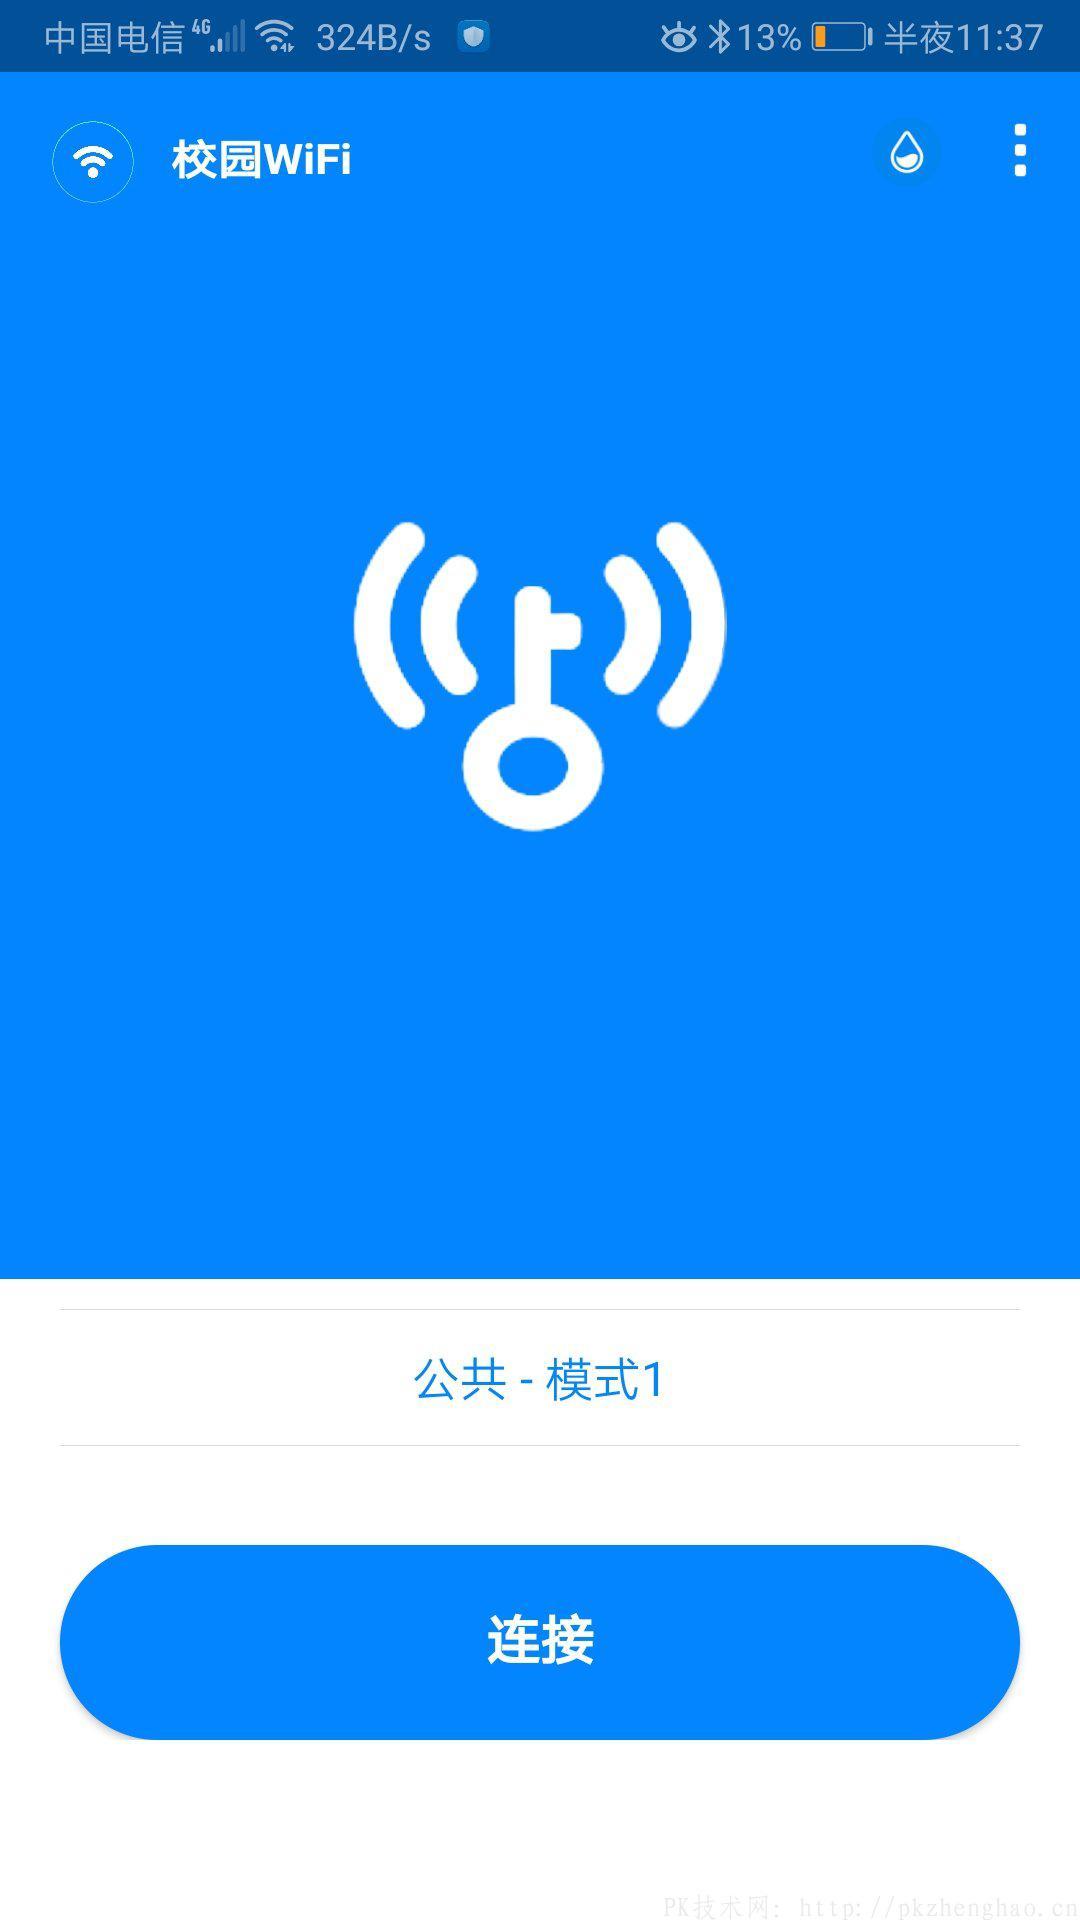 破解校园网认证网页-安卓校园WiFi-v1.1